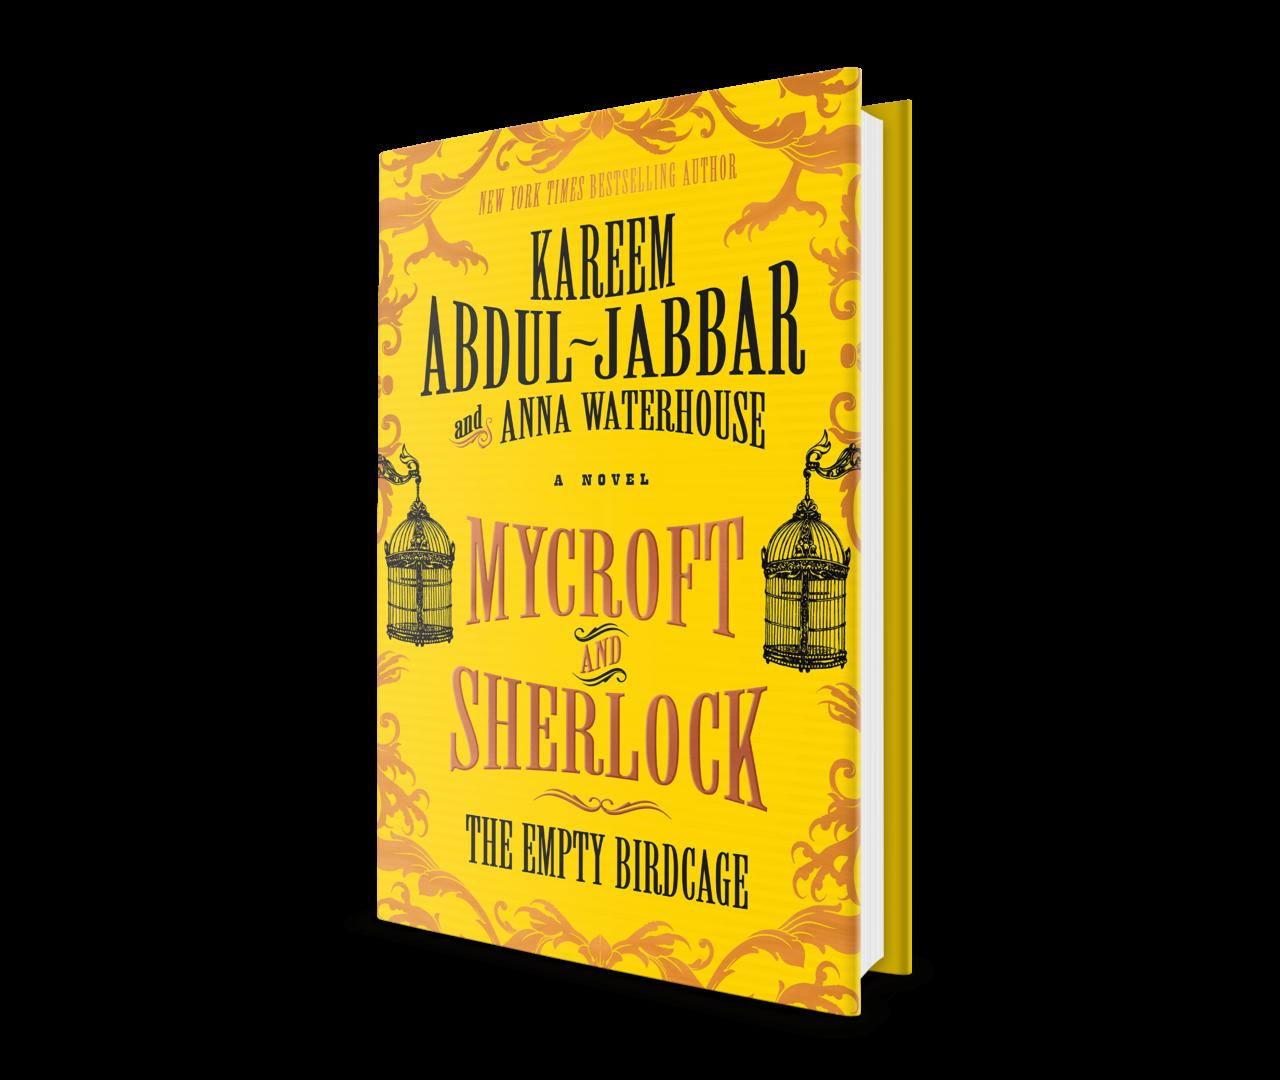 kaj_3d-book_mycroft-birdcage